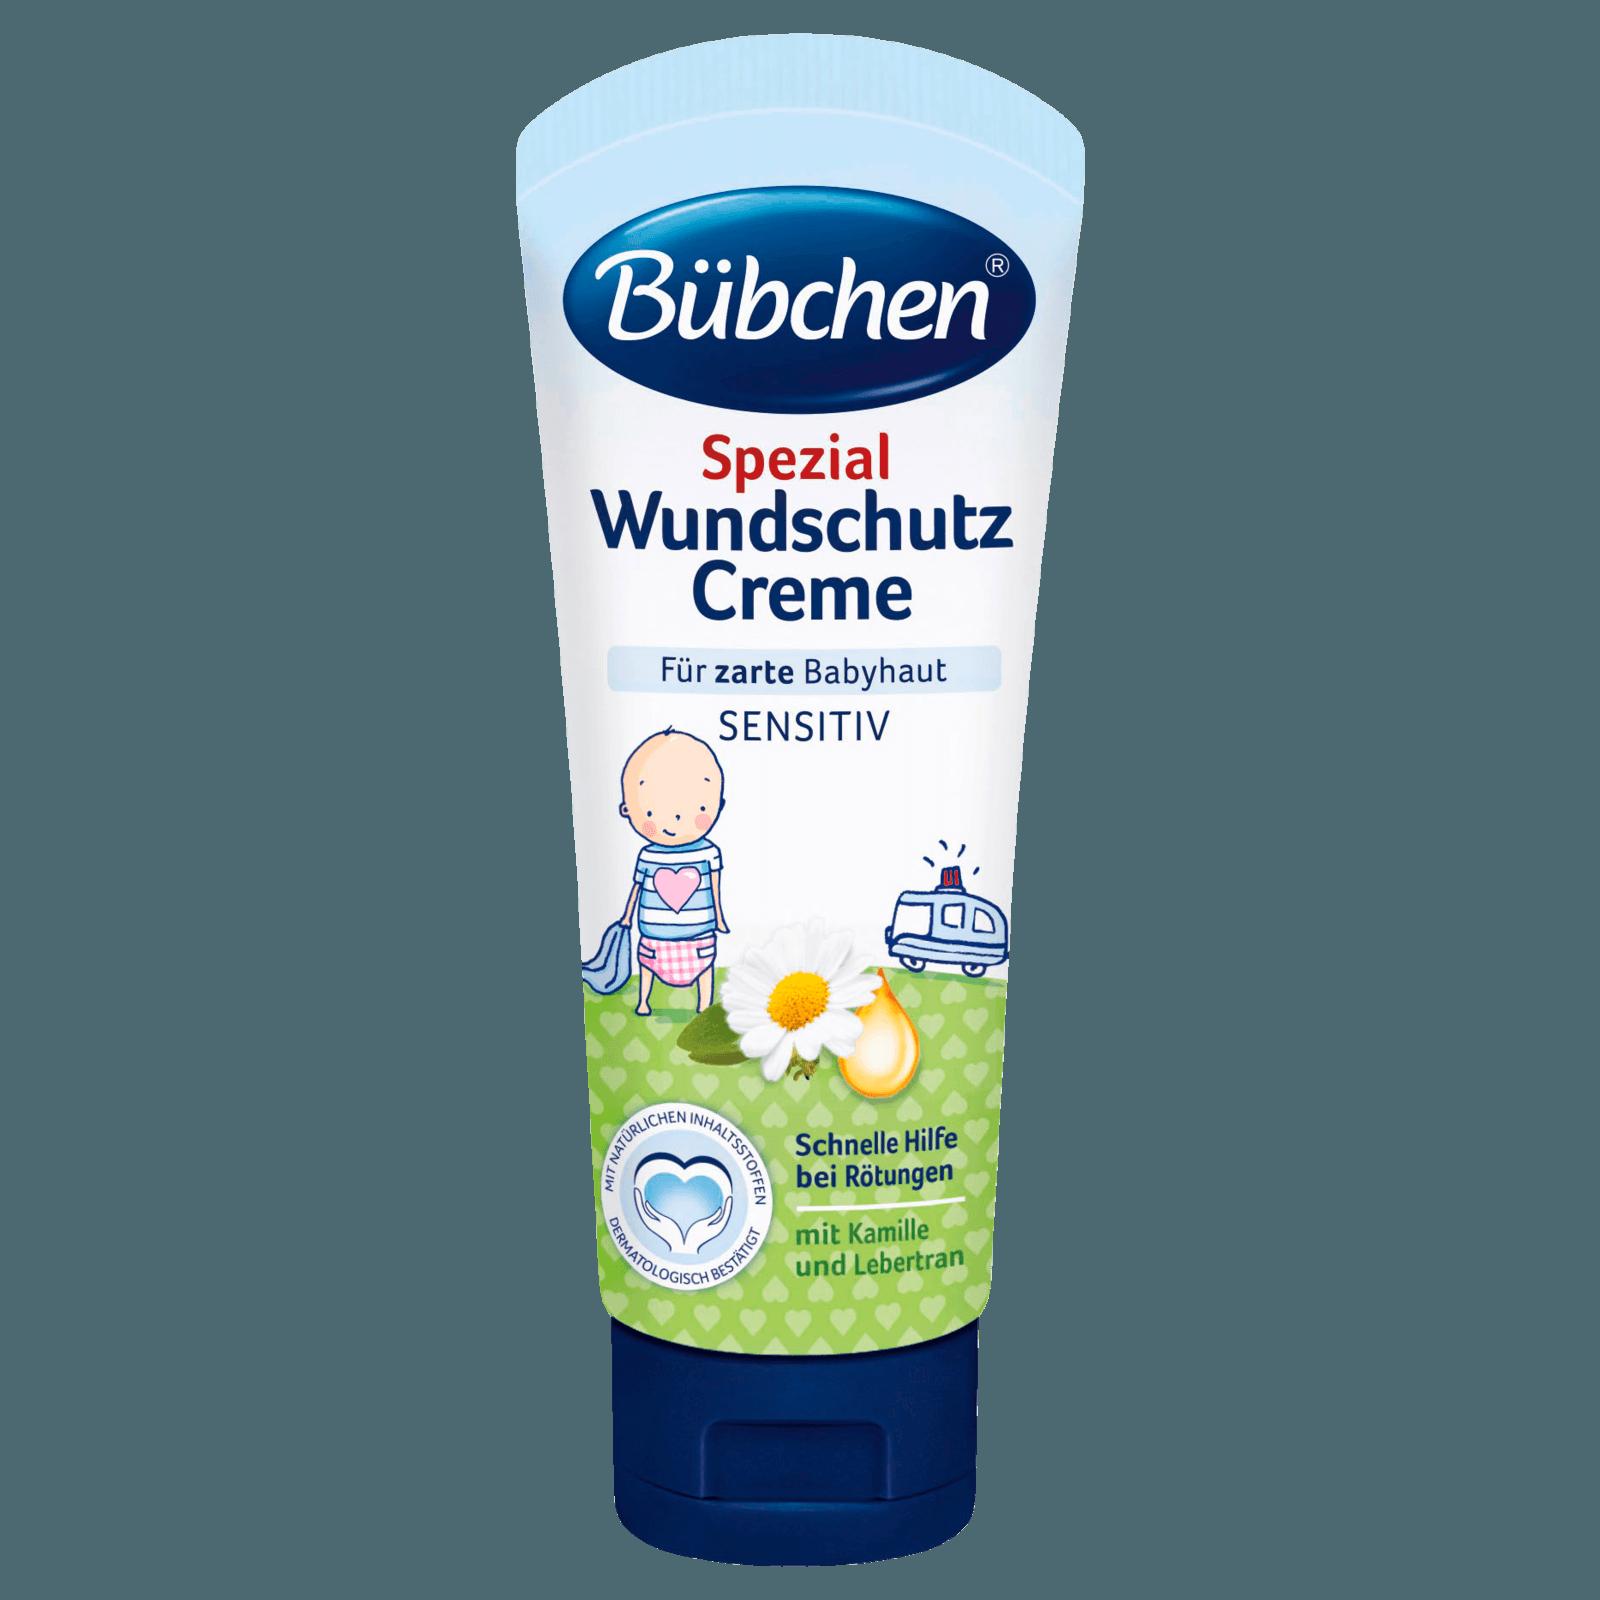 Bübchen Babypflege Spezial Wundschutz Creme 75ml